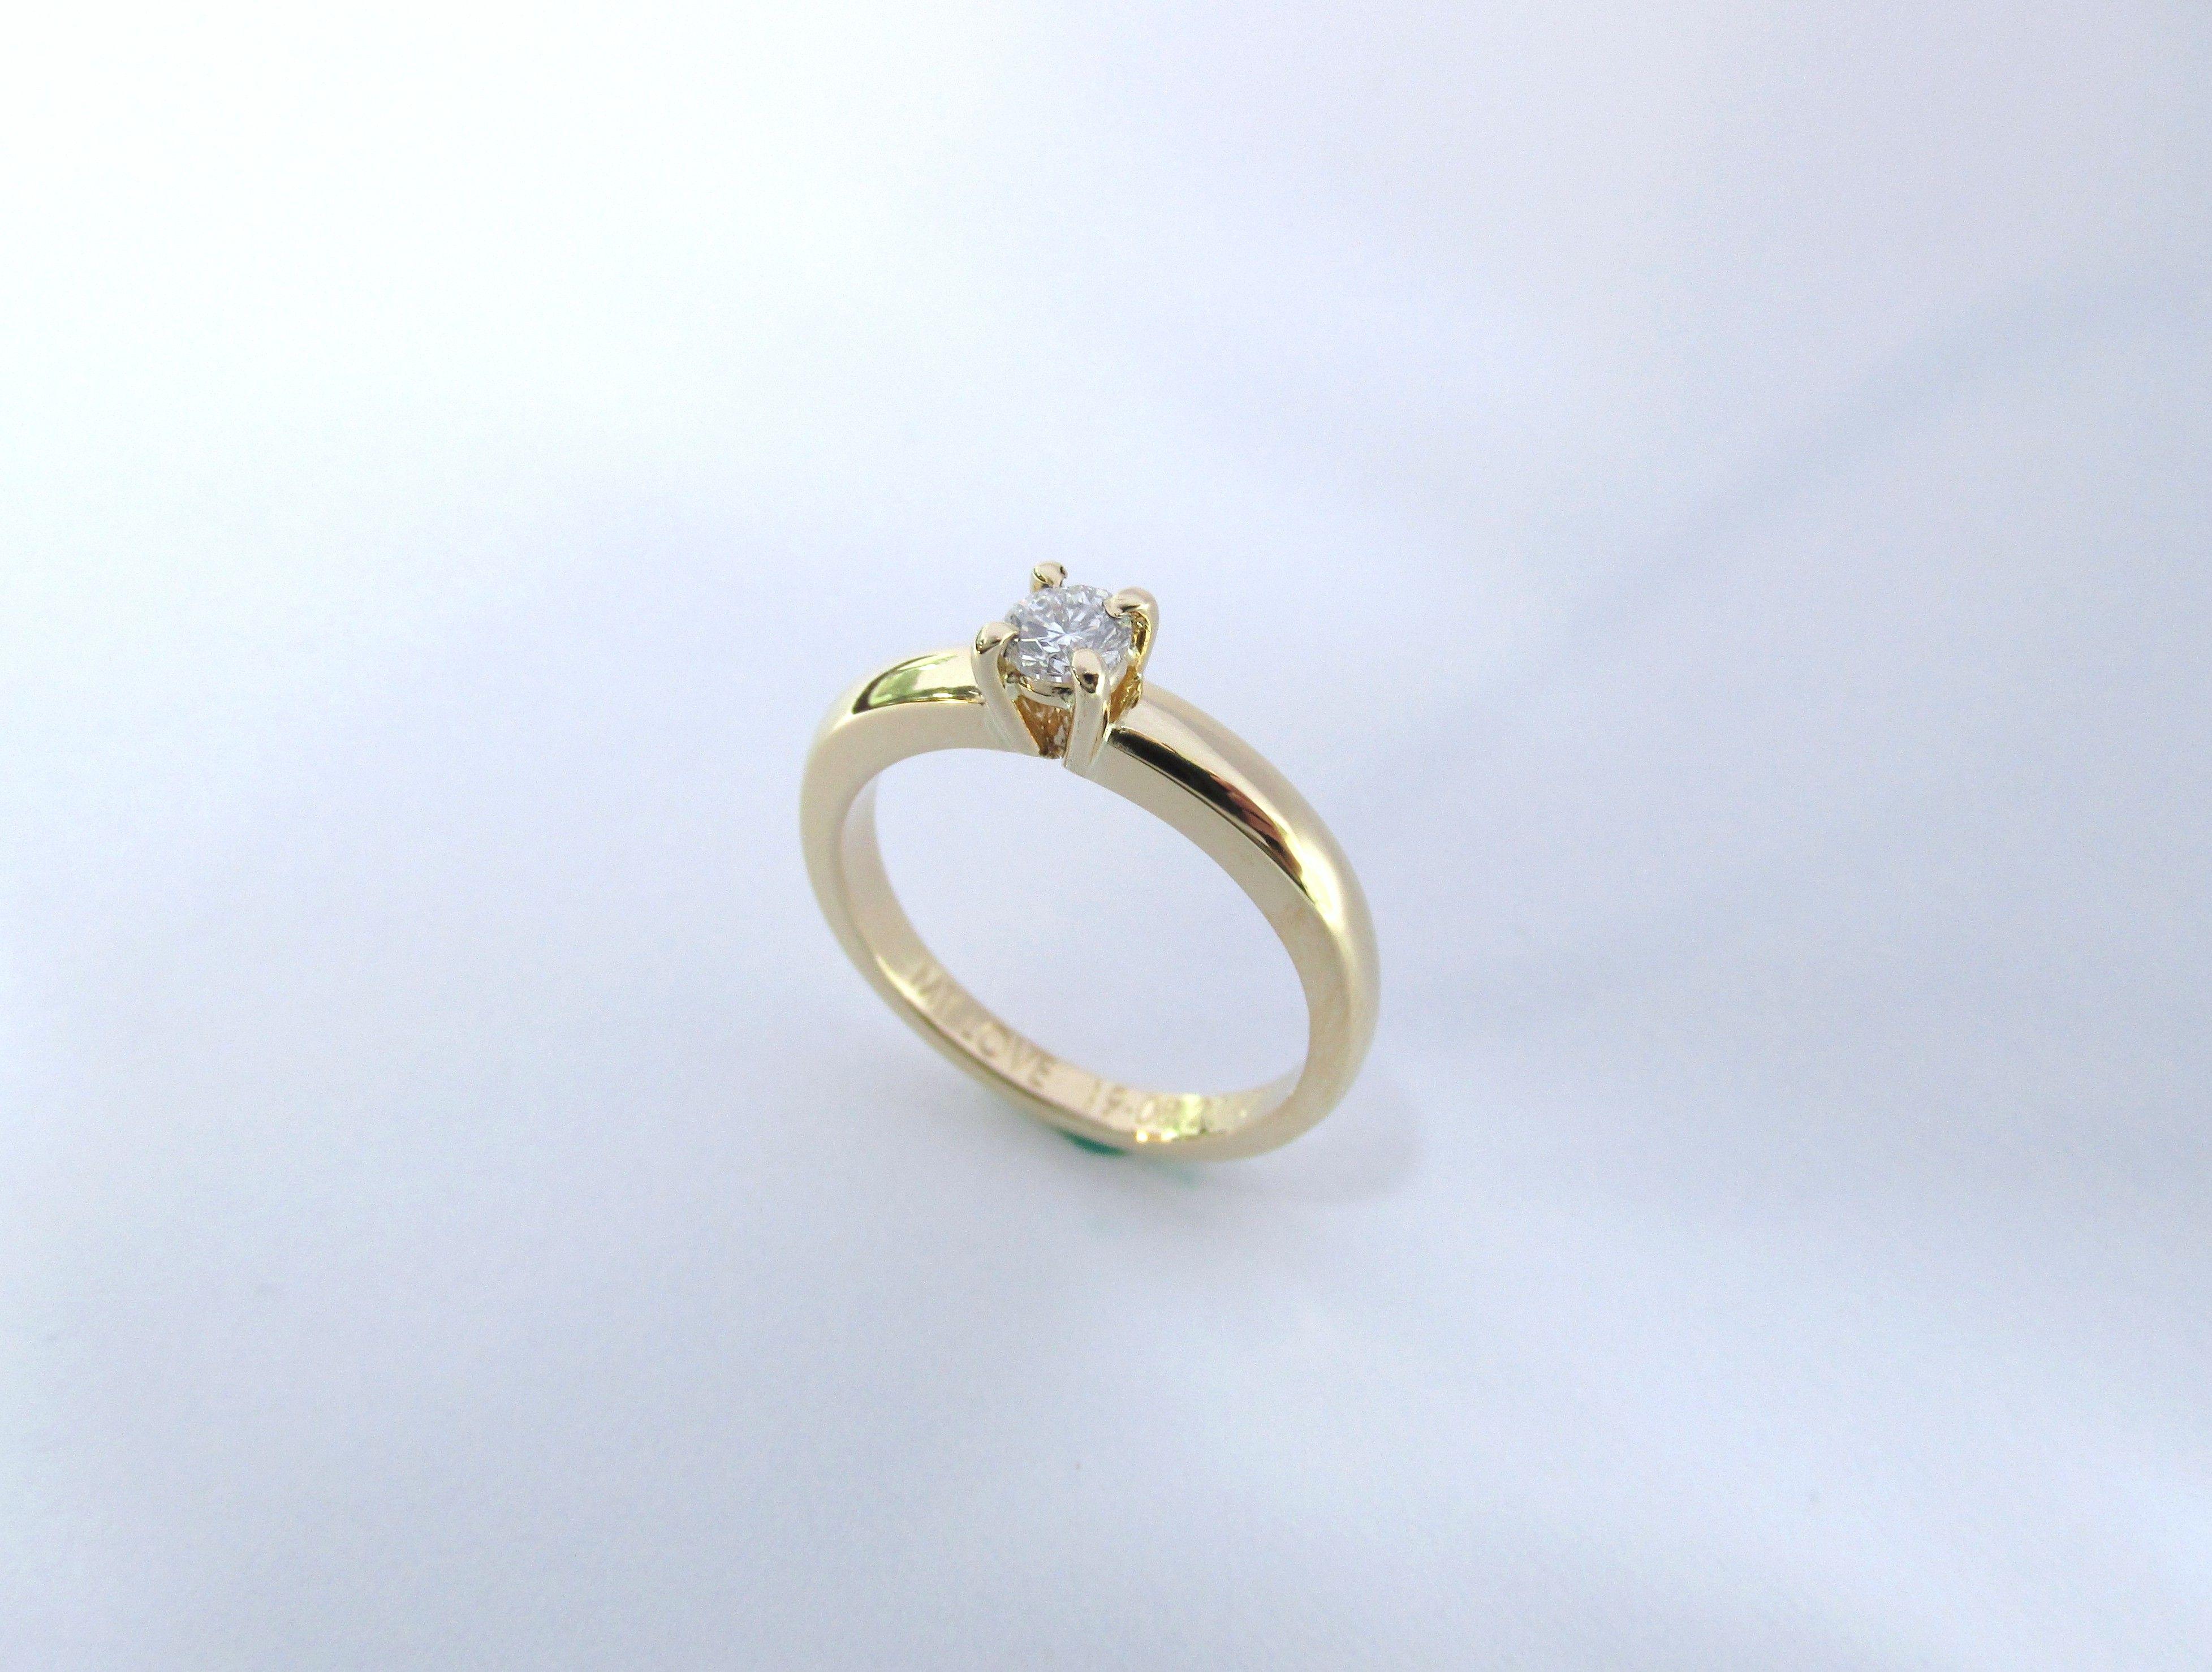 77abbd9923b1 Para el amor de tu vida este romántico anillo de compromiso en oro amarillo  de 18k